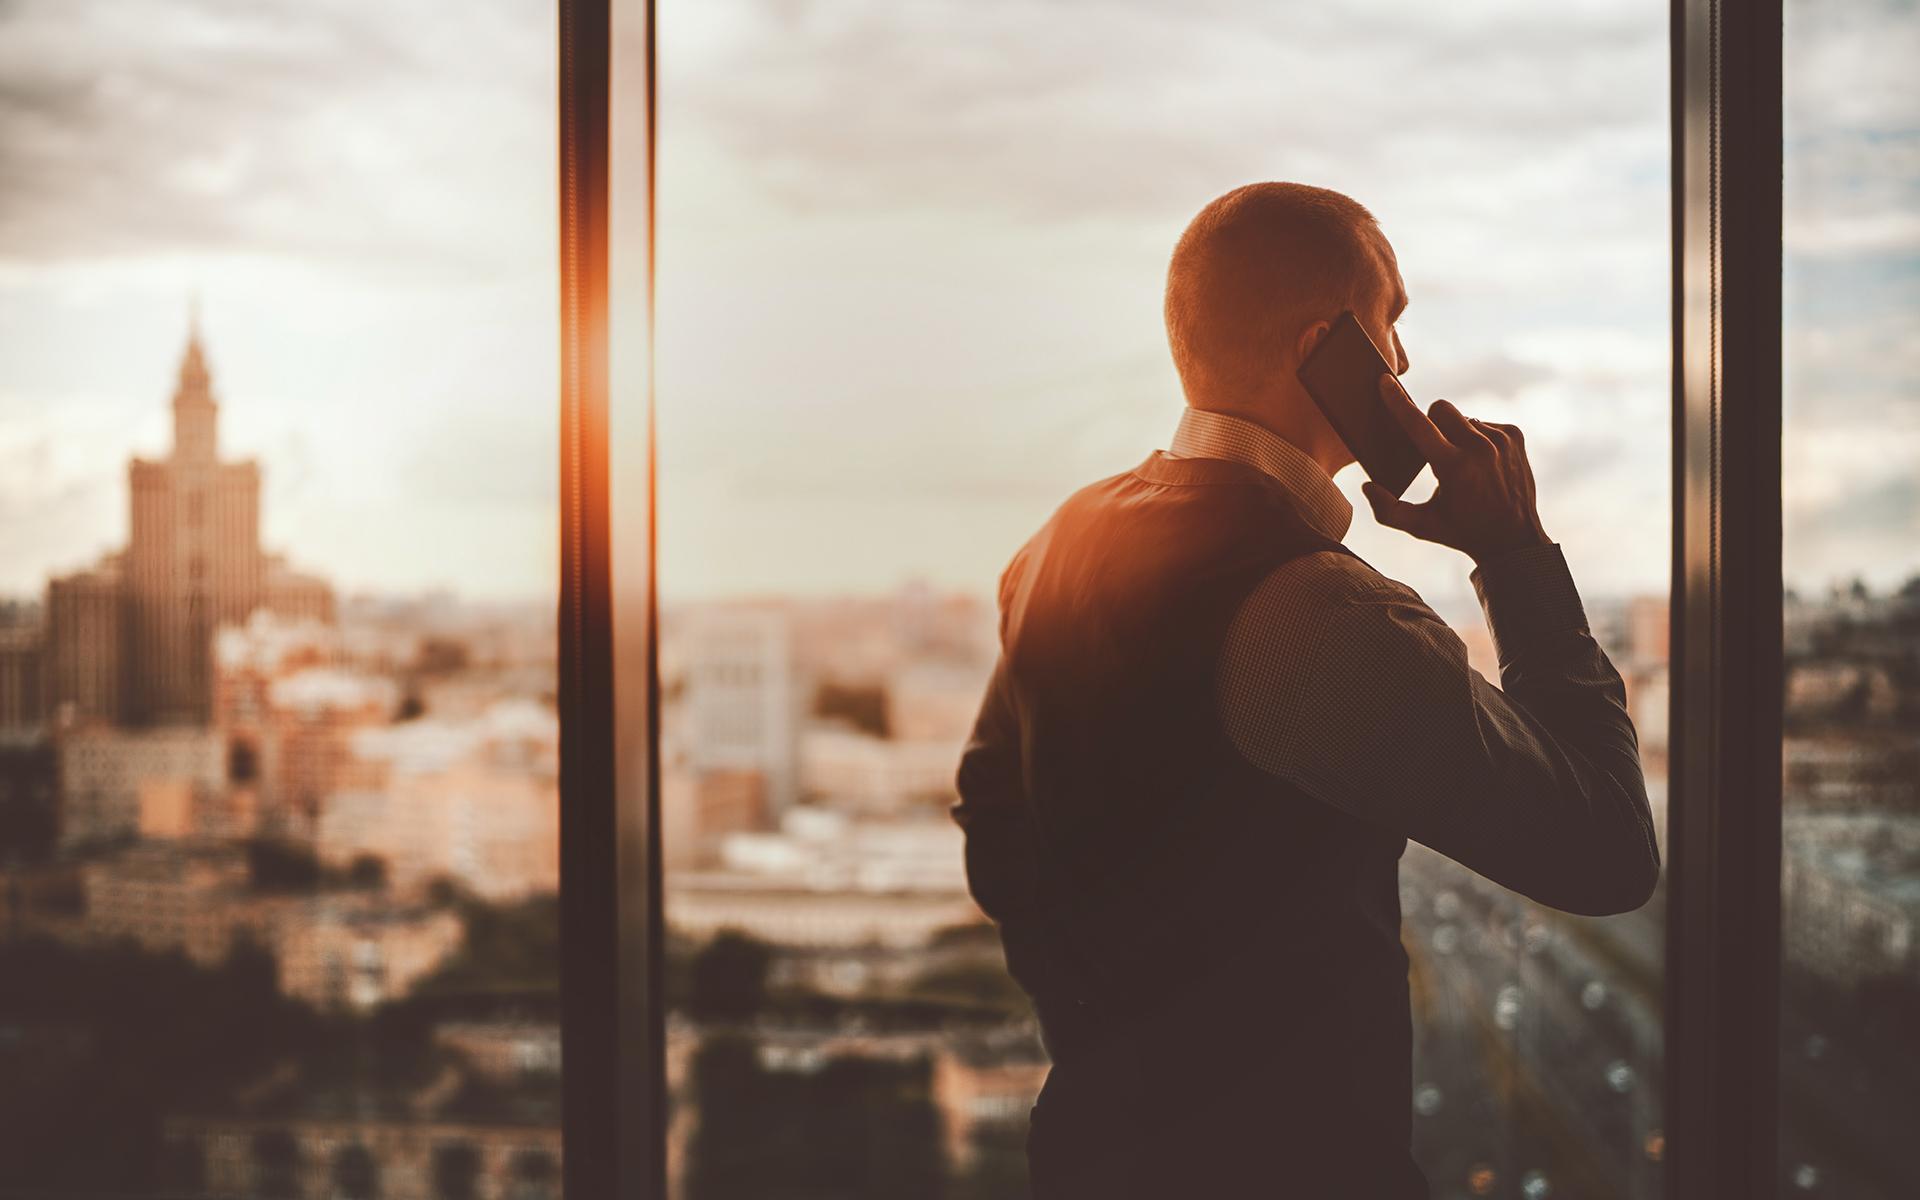 Mann telefoniert und schaut aus dem Fenster über eine Stadt